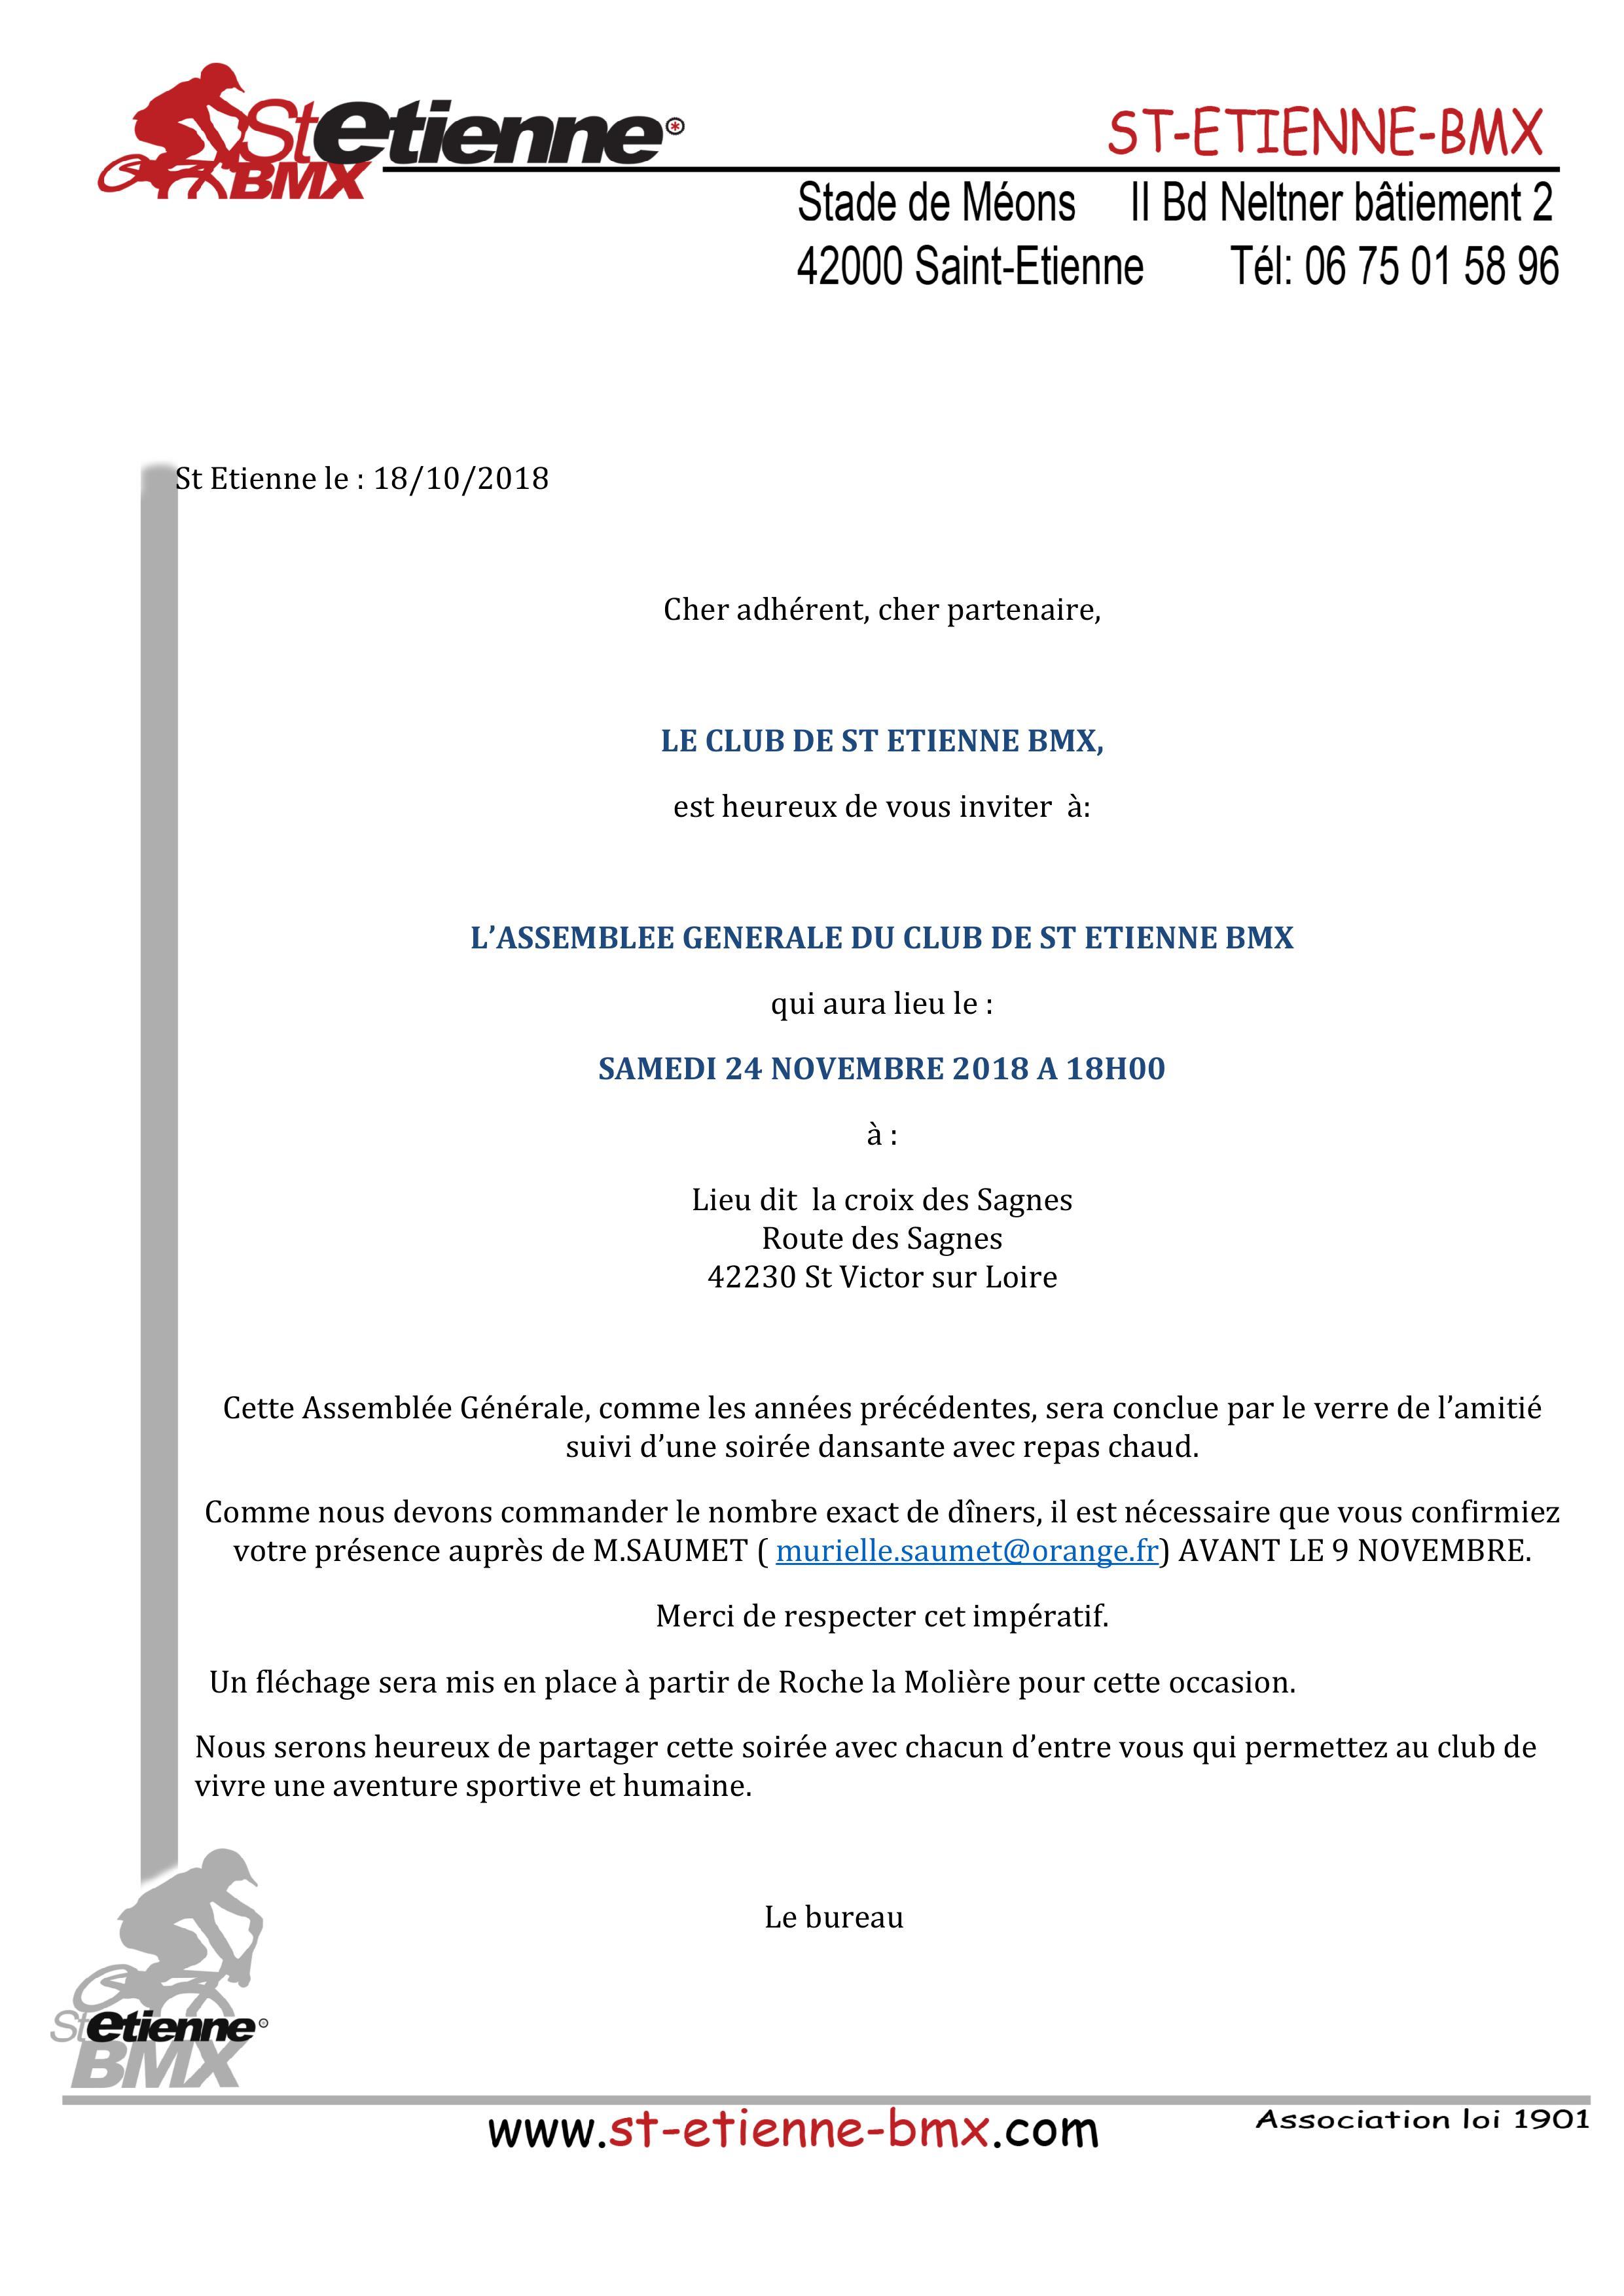 Assemblée générale saint etienne bmx 2018